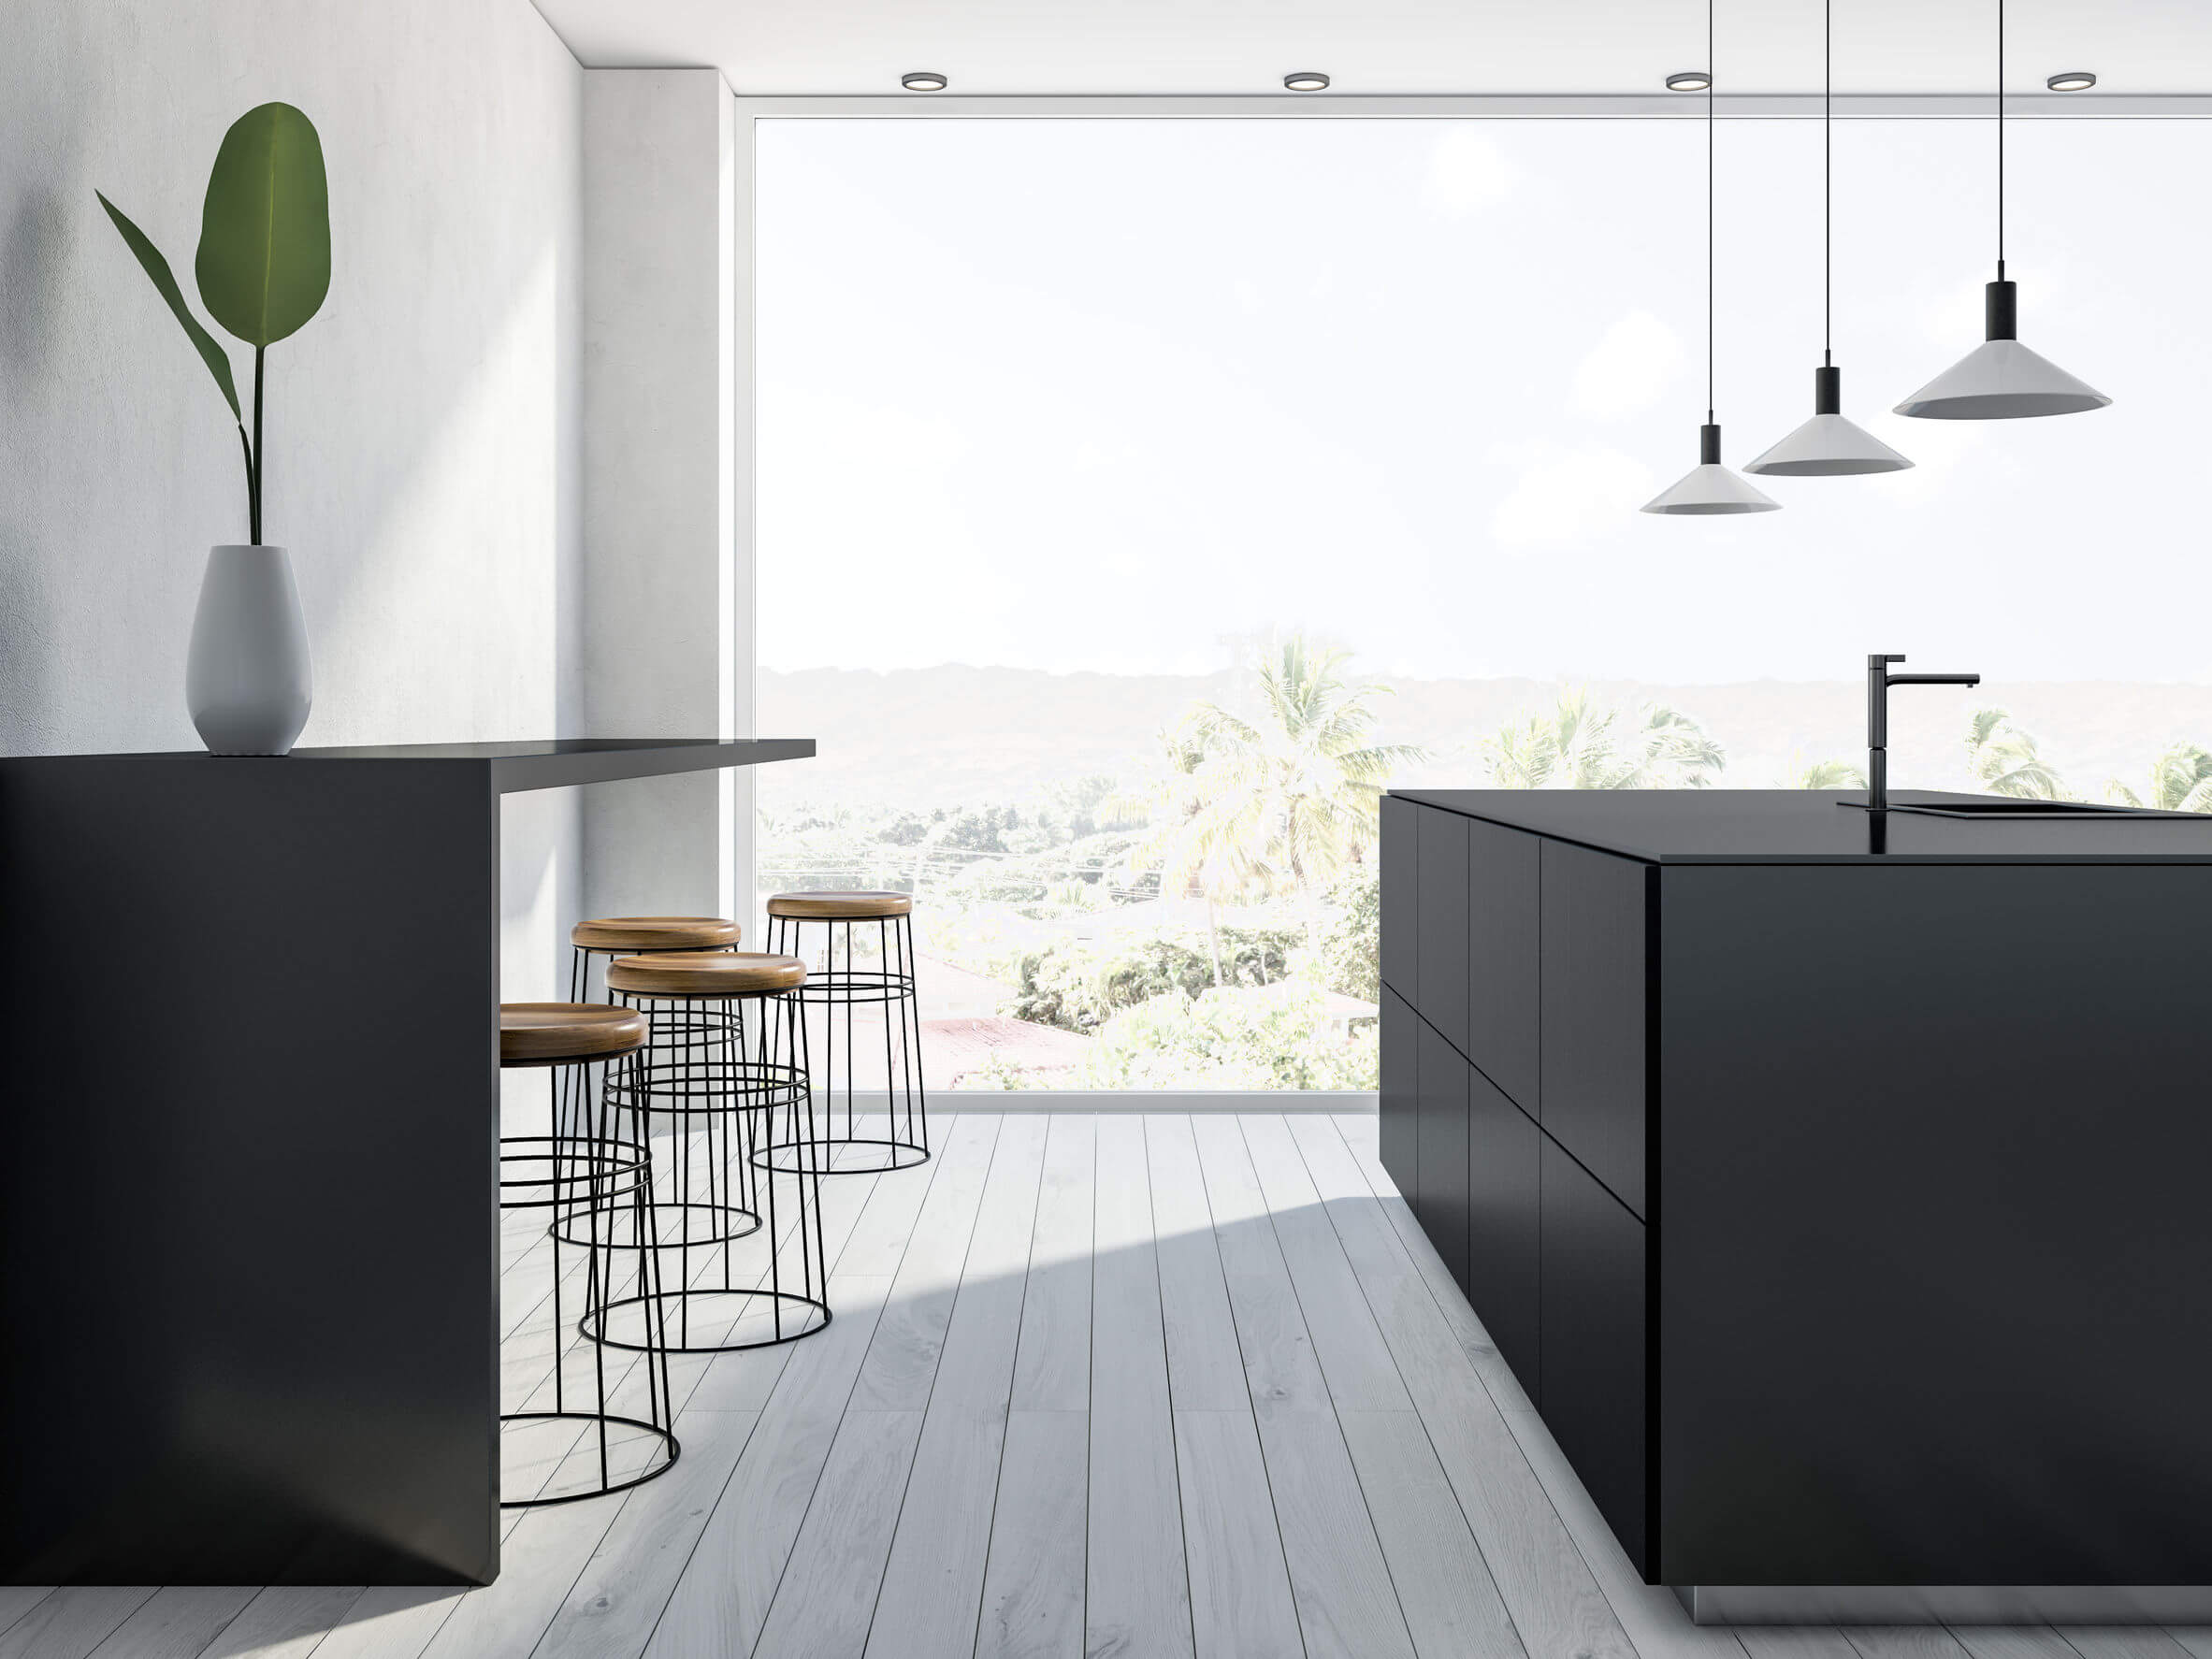 Black and white panoramic kitchen, bar